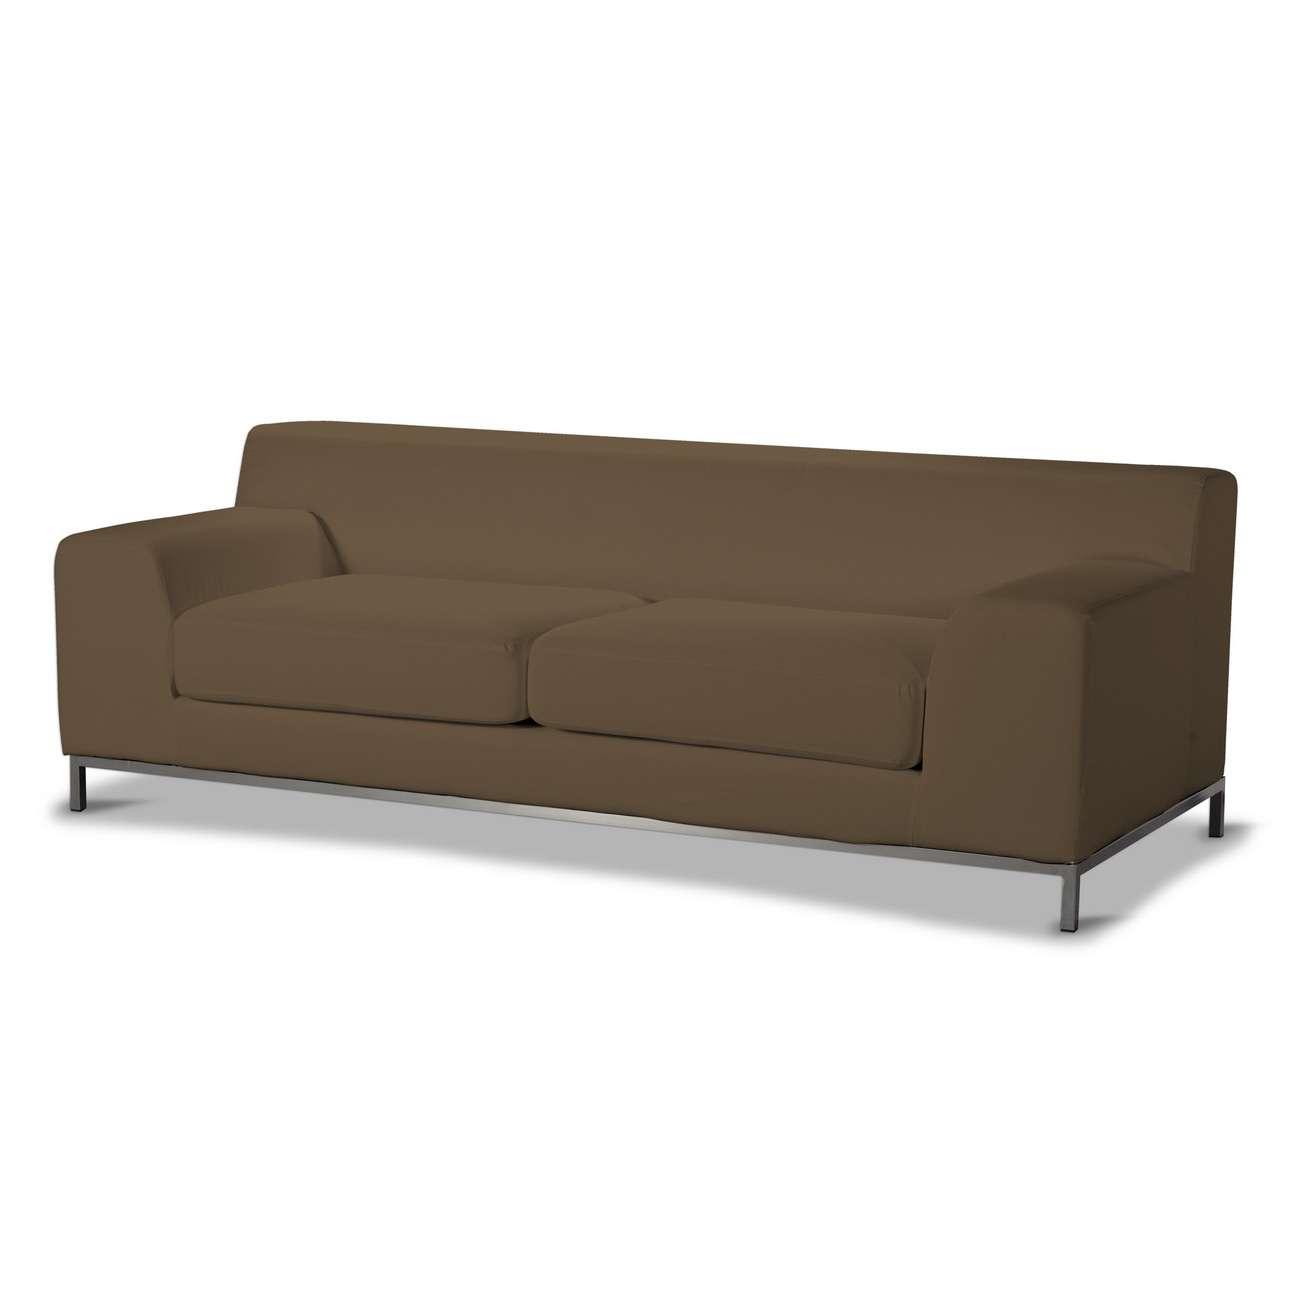 Potah na pohovku IKEA  Kramfors 3-místná